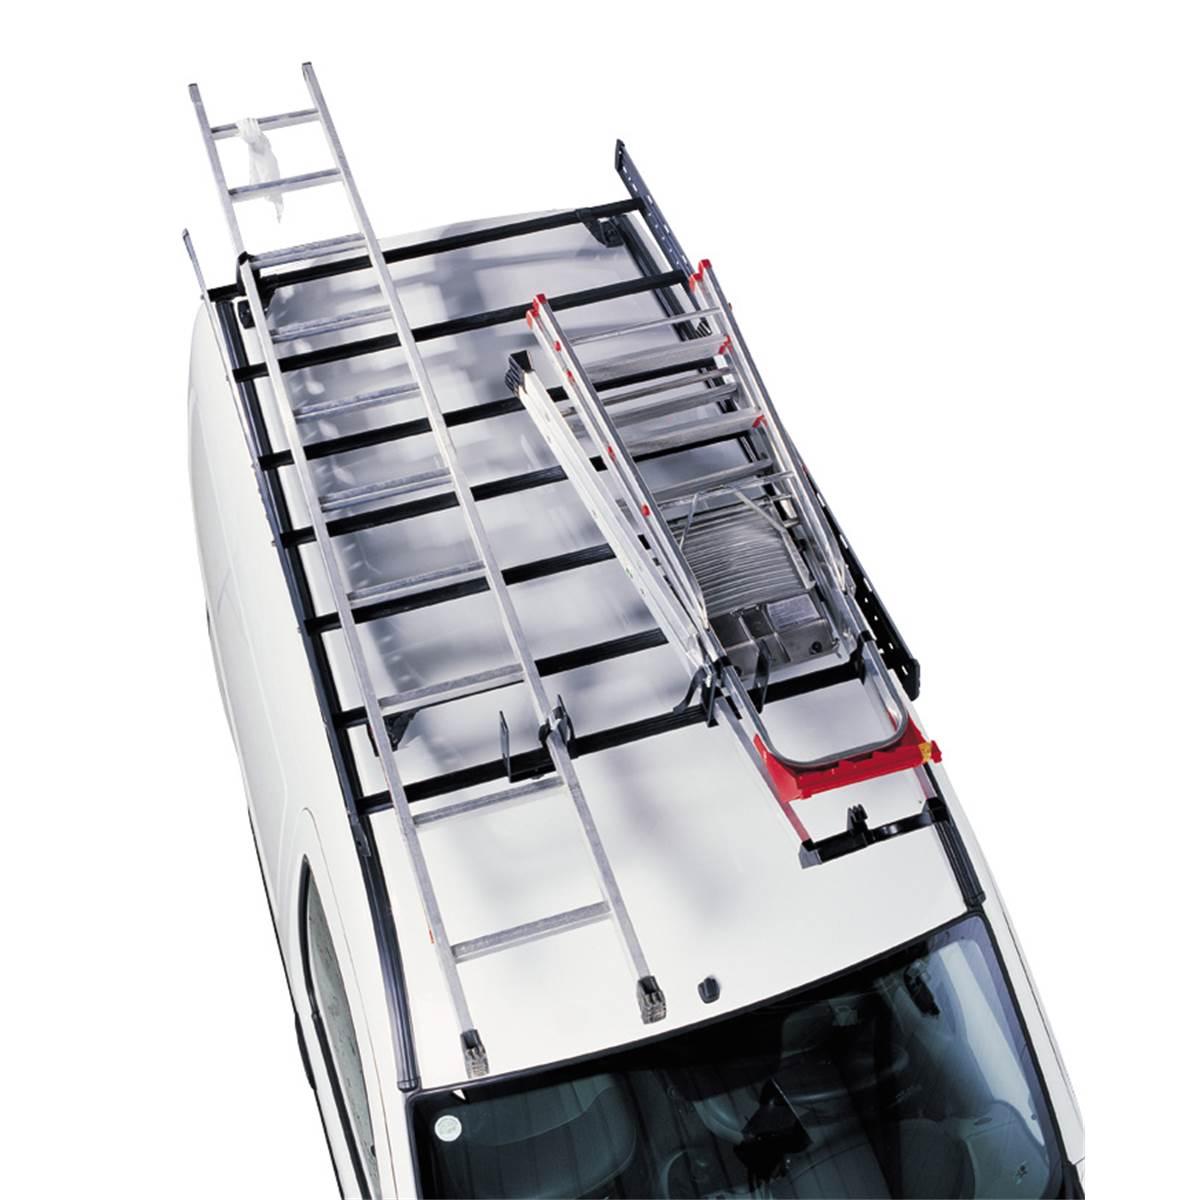 Galerie pour véhicule utilitaire PRO DECK MONT BLANC 503